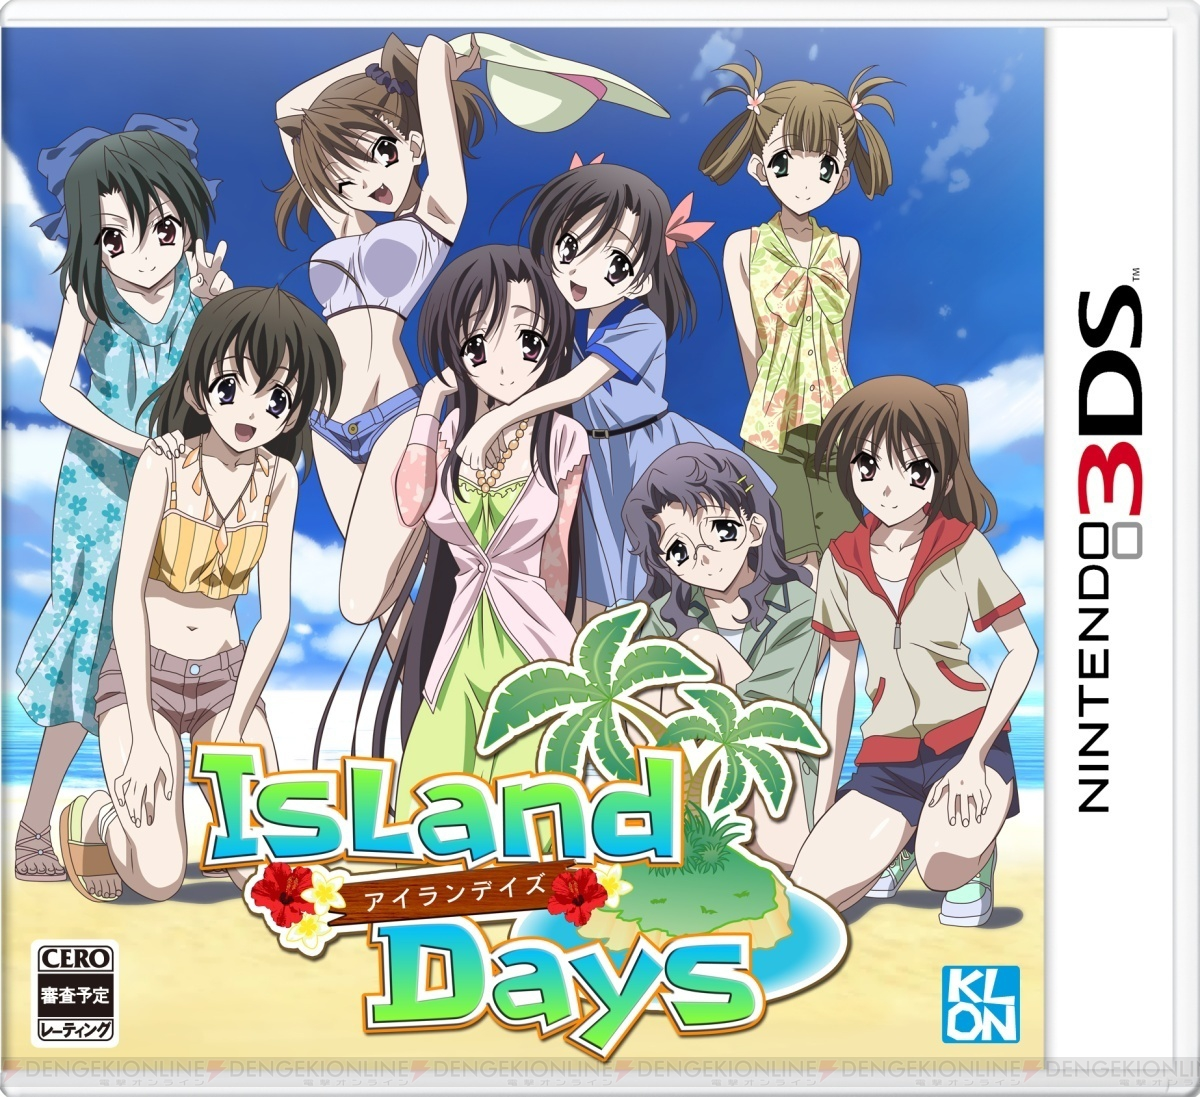 『IslandDays』の早期予約特典を動画でチェック! スペシャルサウンドトラック&設定画集の紹介ムービーが公開